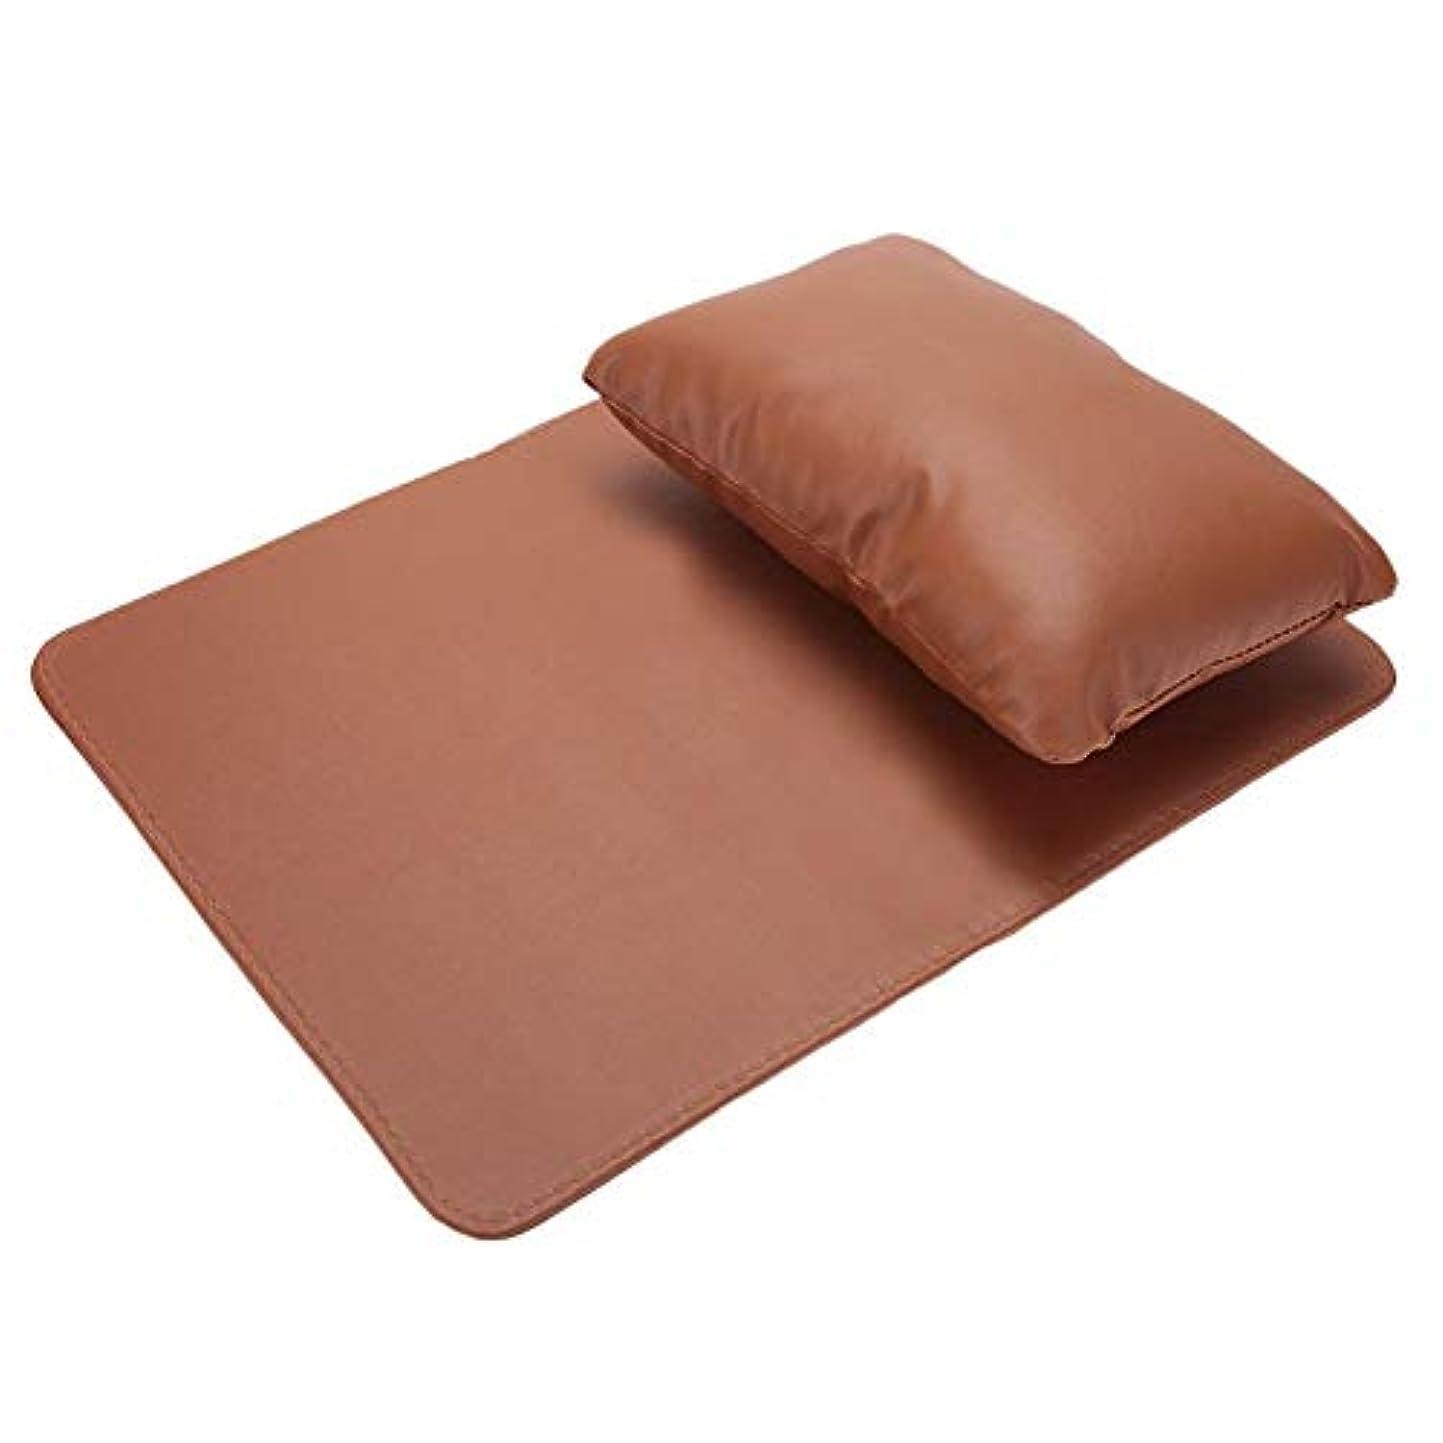 割り当て猛烈な牛ネイルアートハンド枕、ハンドクッションレストマニキュアサロン美容ソフトPUレザー洗えるハンドレスト枕とマニキュアテーブルマット(Coffee)